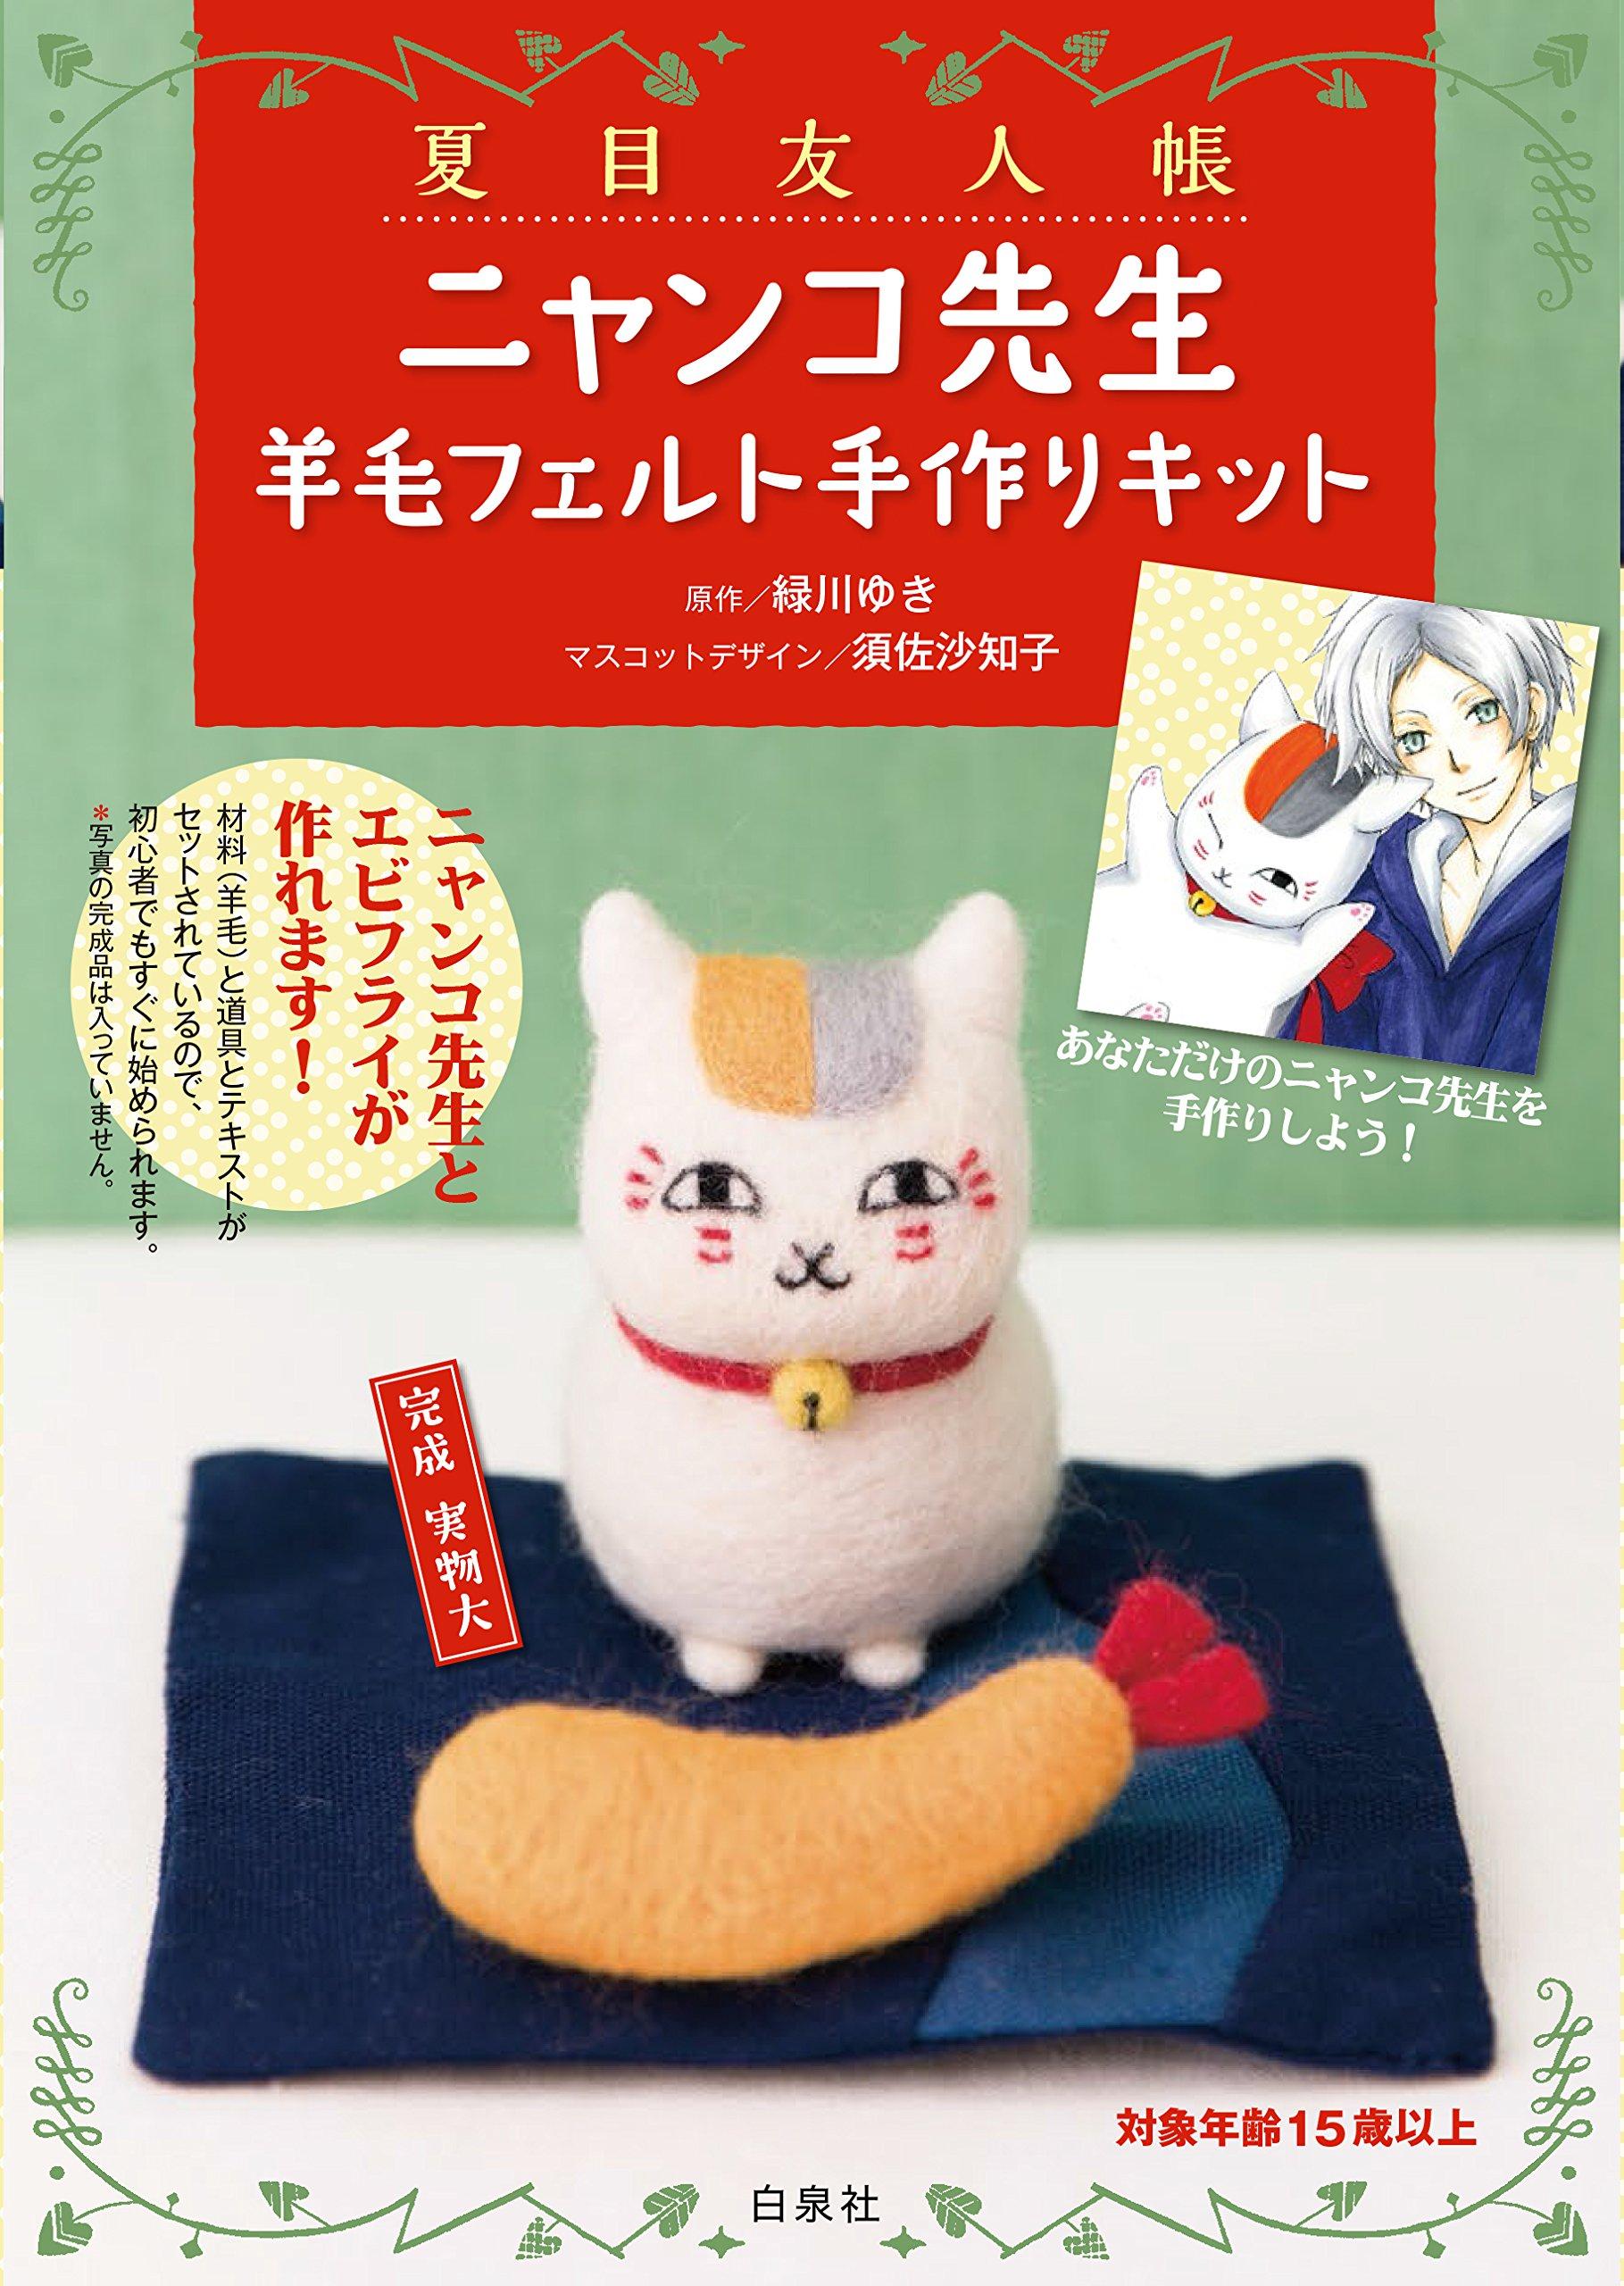 夏目友人帳 ニャンコ先生羊毛フェルト手作りキット ([特装版コミック])